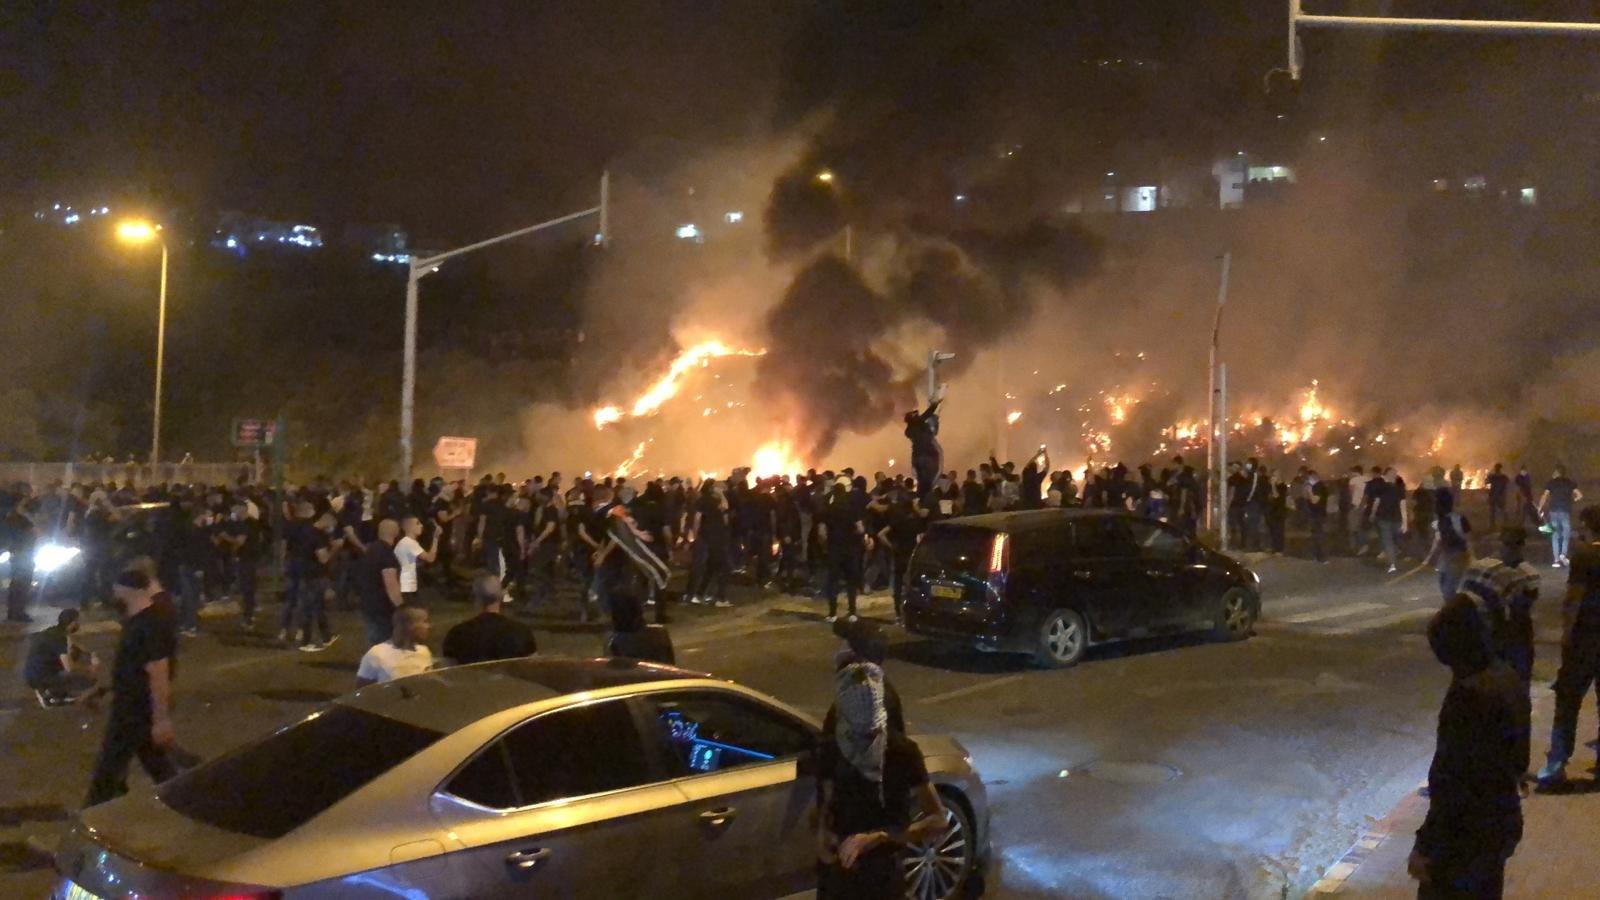 تابعوا الأخبار من مختلف البلدات: مظاهرات حاشدة، اليكم الملخص والصور-1